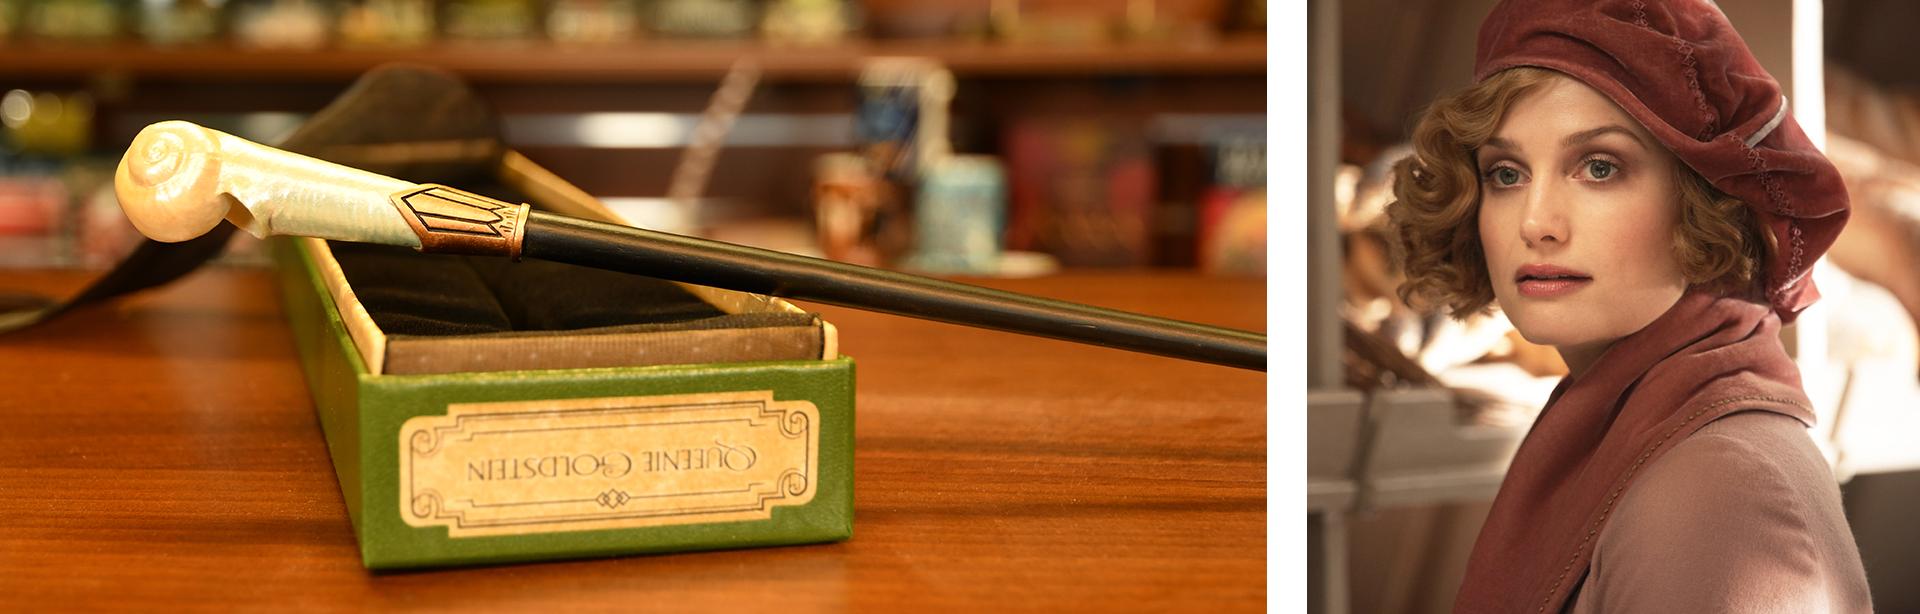 Harry Potter, Phantastische Tierwesen und wo sie zu finden sind Queenie Goldstein Zauberstab Portrait Ollivander-Edition